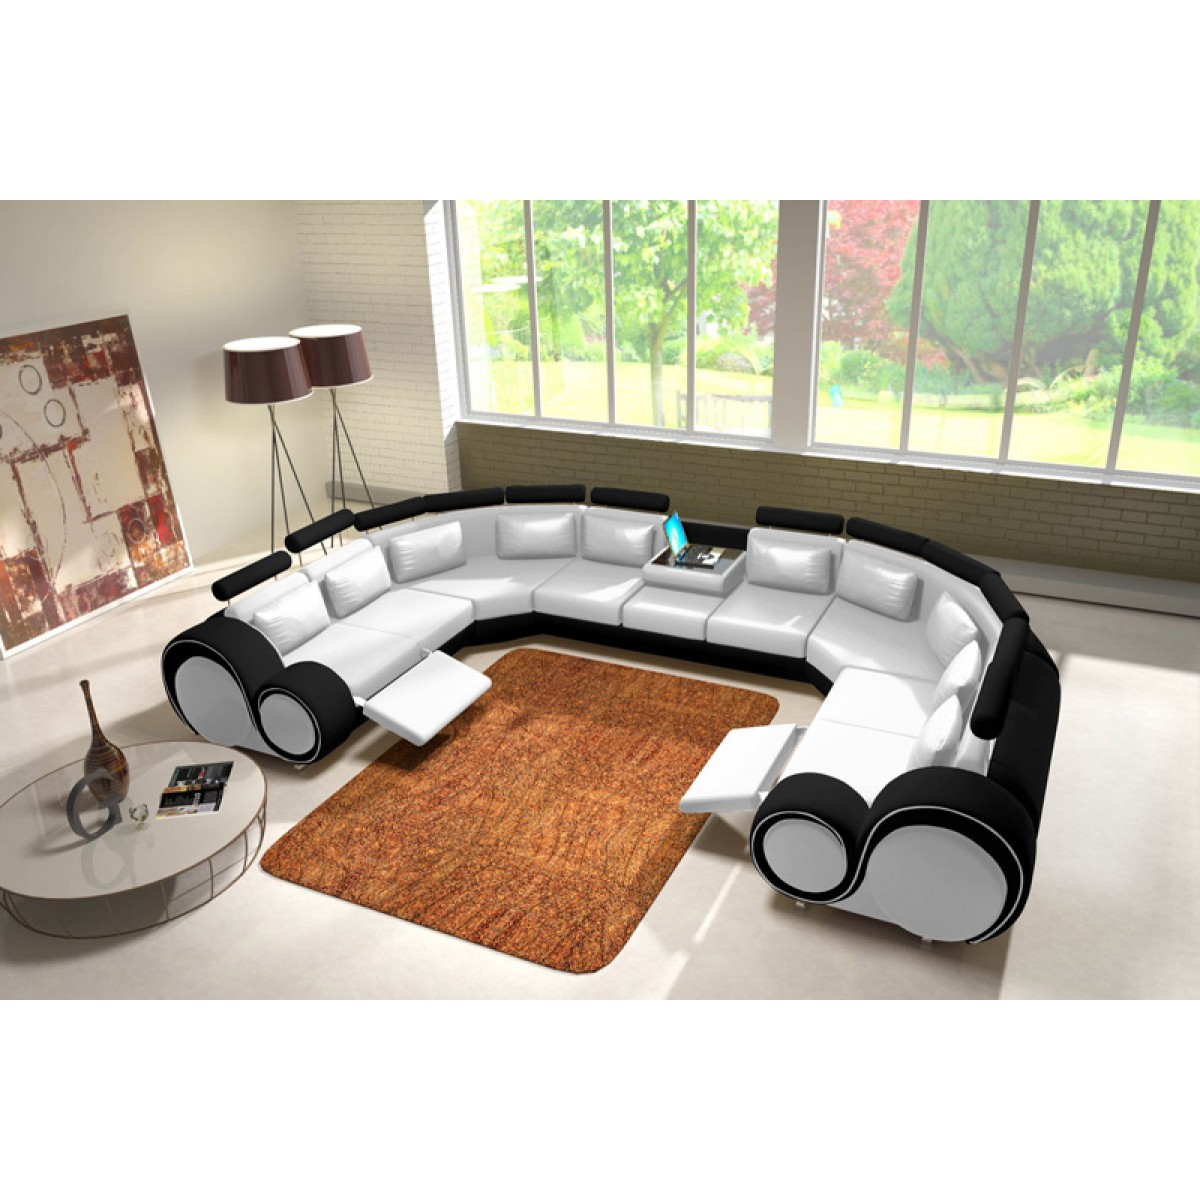 Canapé Panoramique En Cuir Rolls - 9 Places - Relax ... dedans Canape Cuir En U